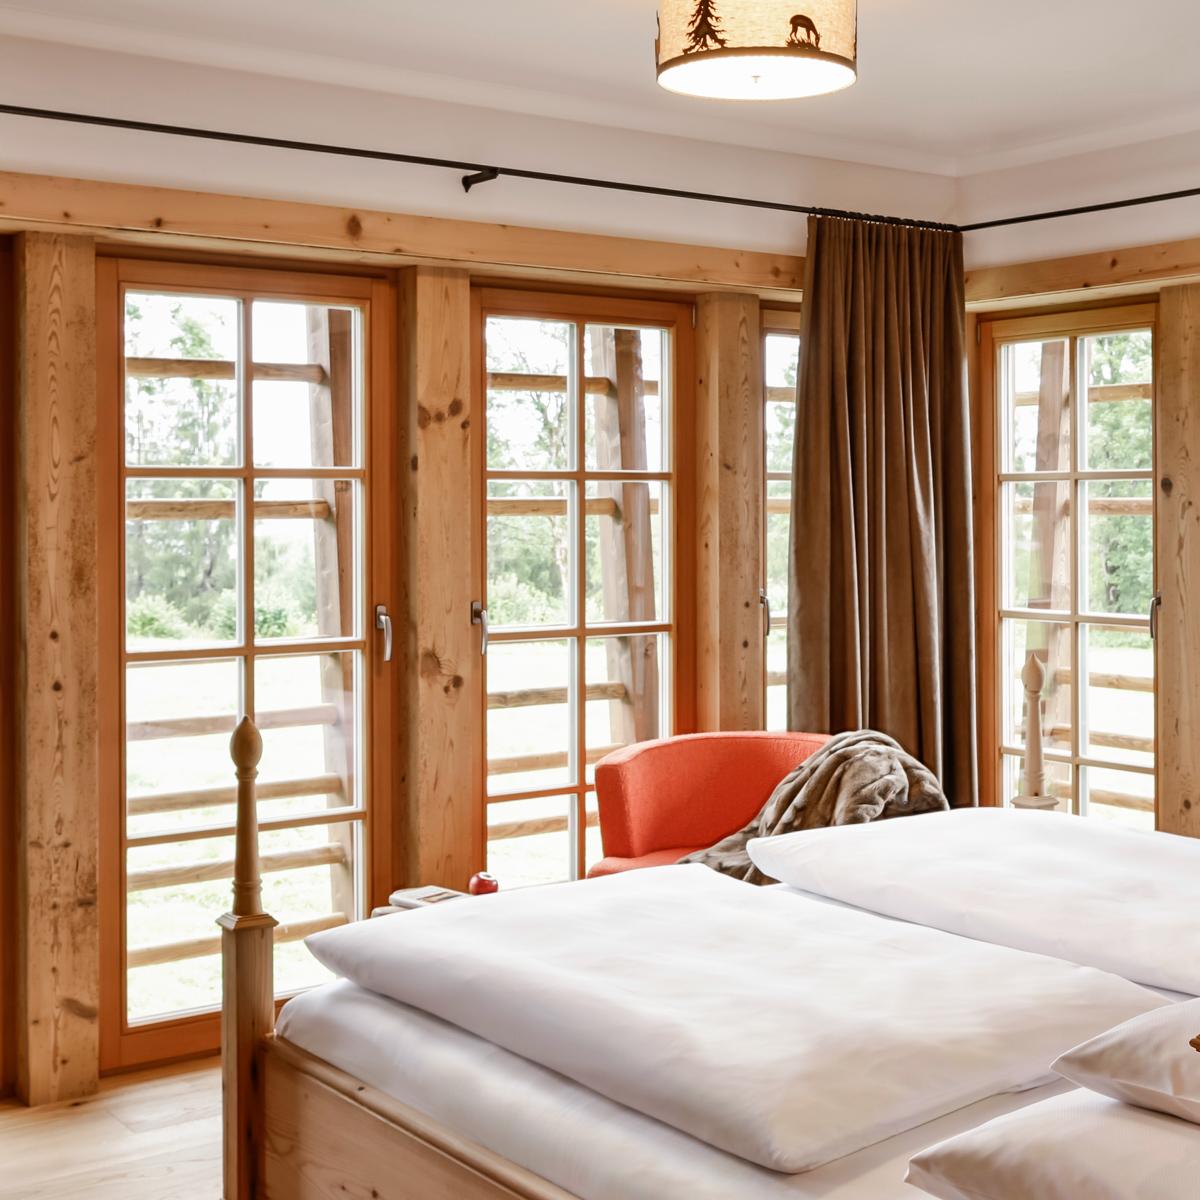 Gut Steinbach Hotel in Bayern-4